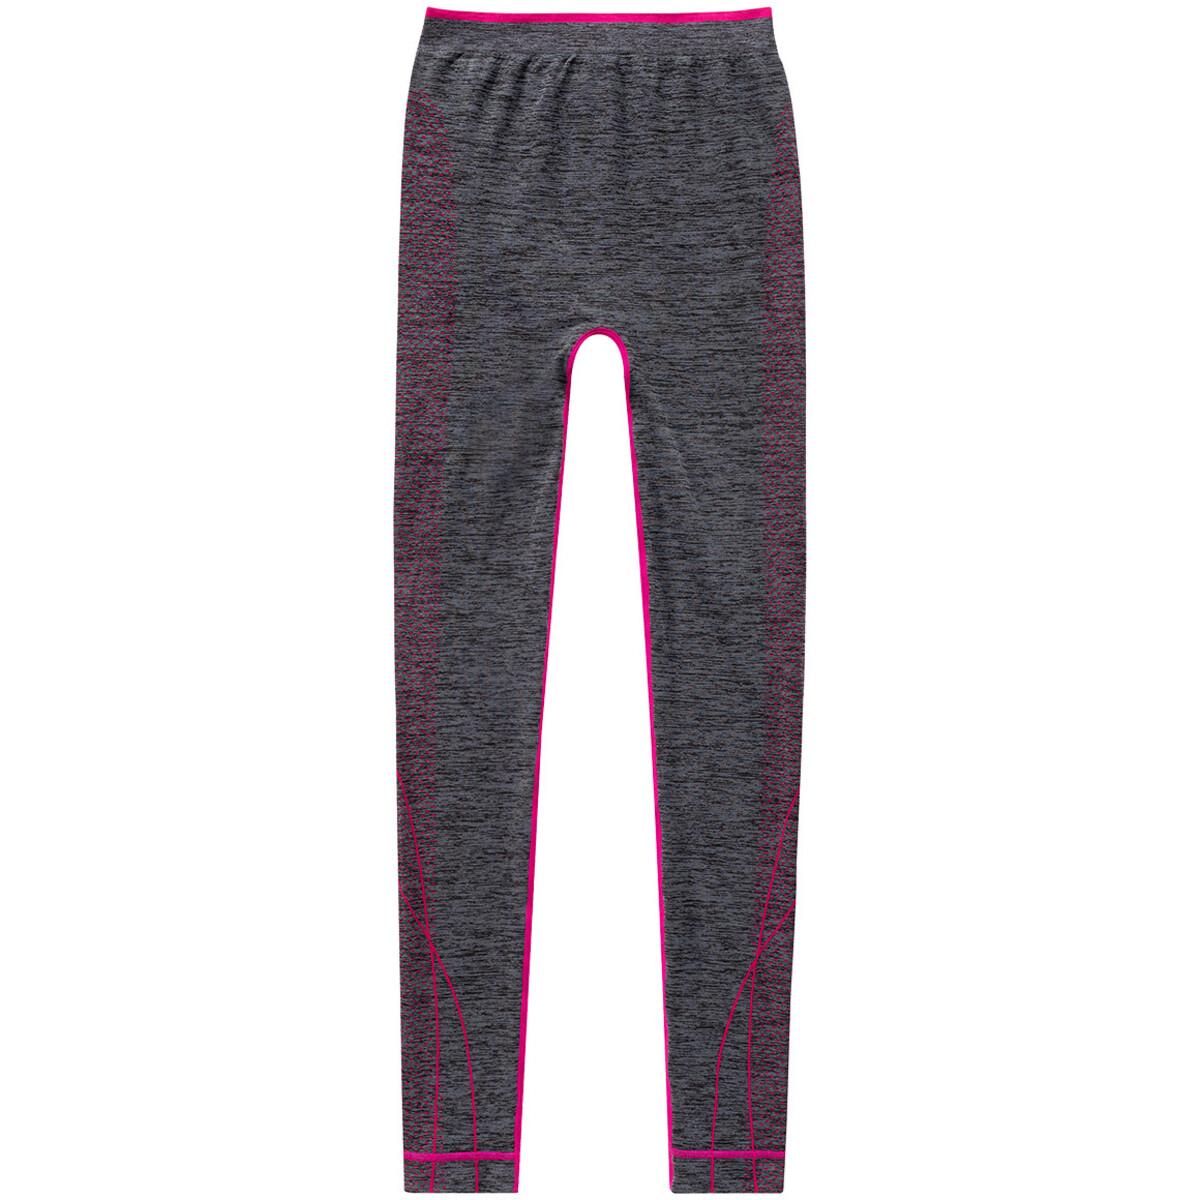 Bild 1 von Mädchen Sport-Unterhose in Seamless-Qualität